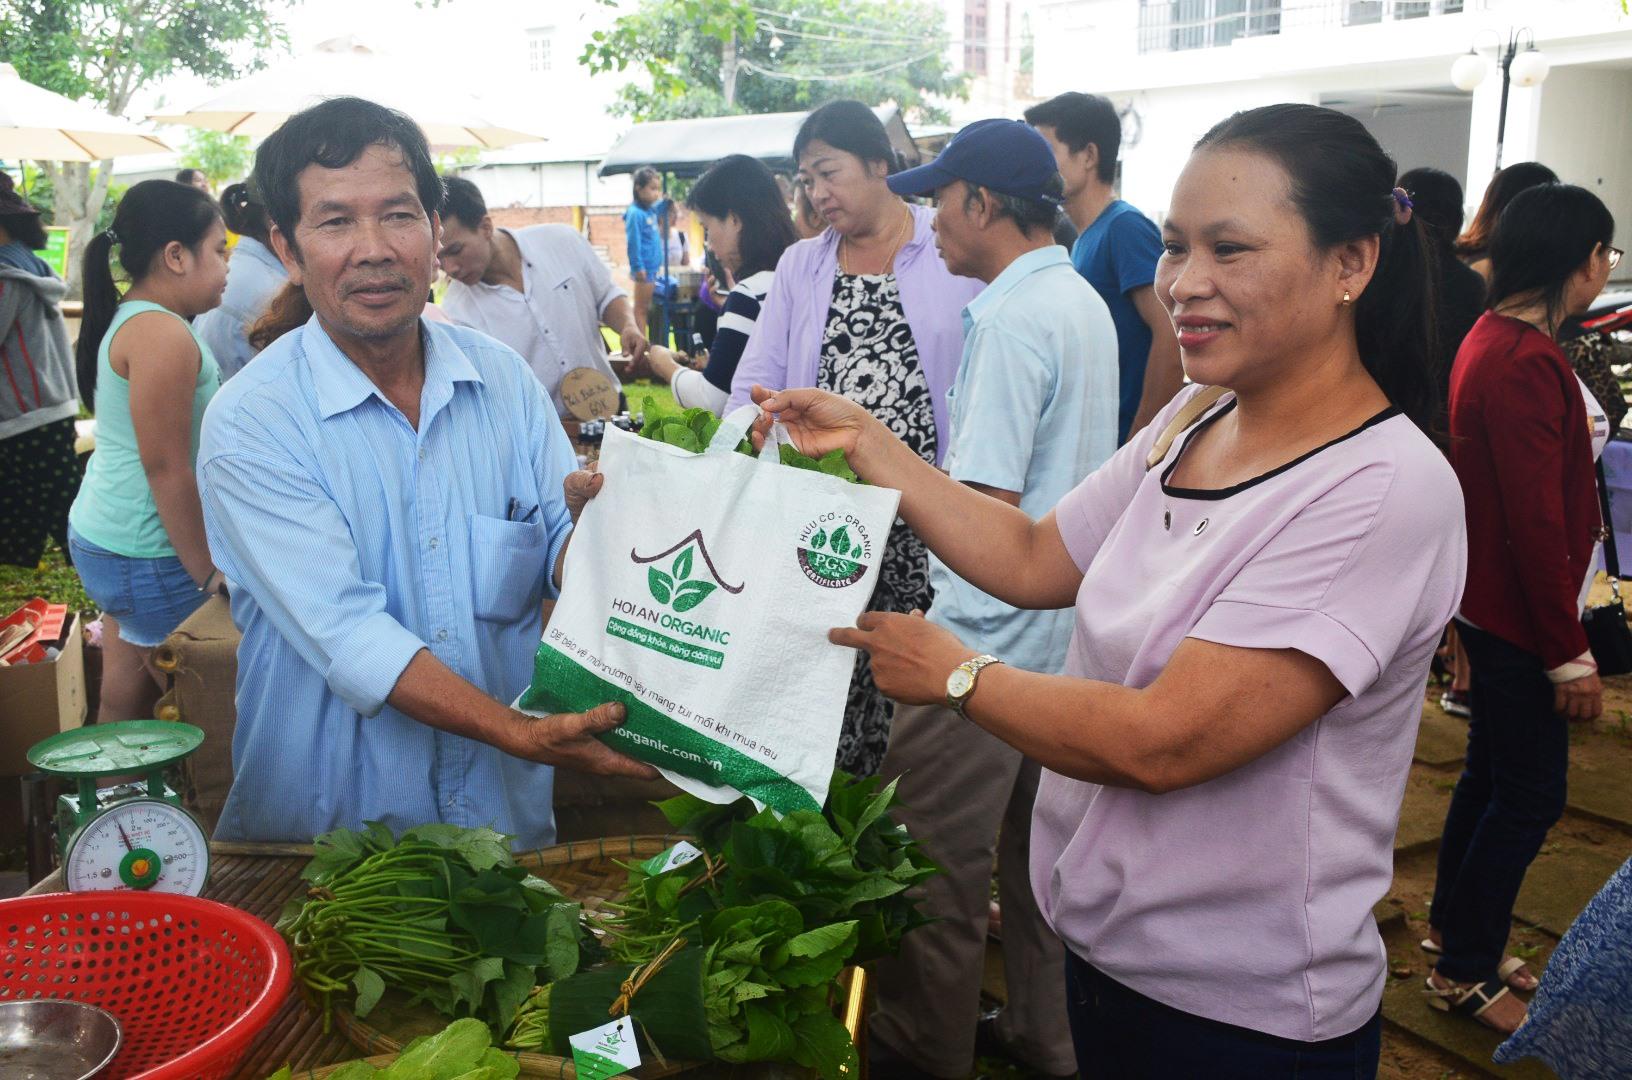 Rau hữu cơ Thanh Đông được bày bán ở chợ phiên Hội An. Ảnh: Q.Tuấn